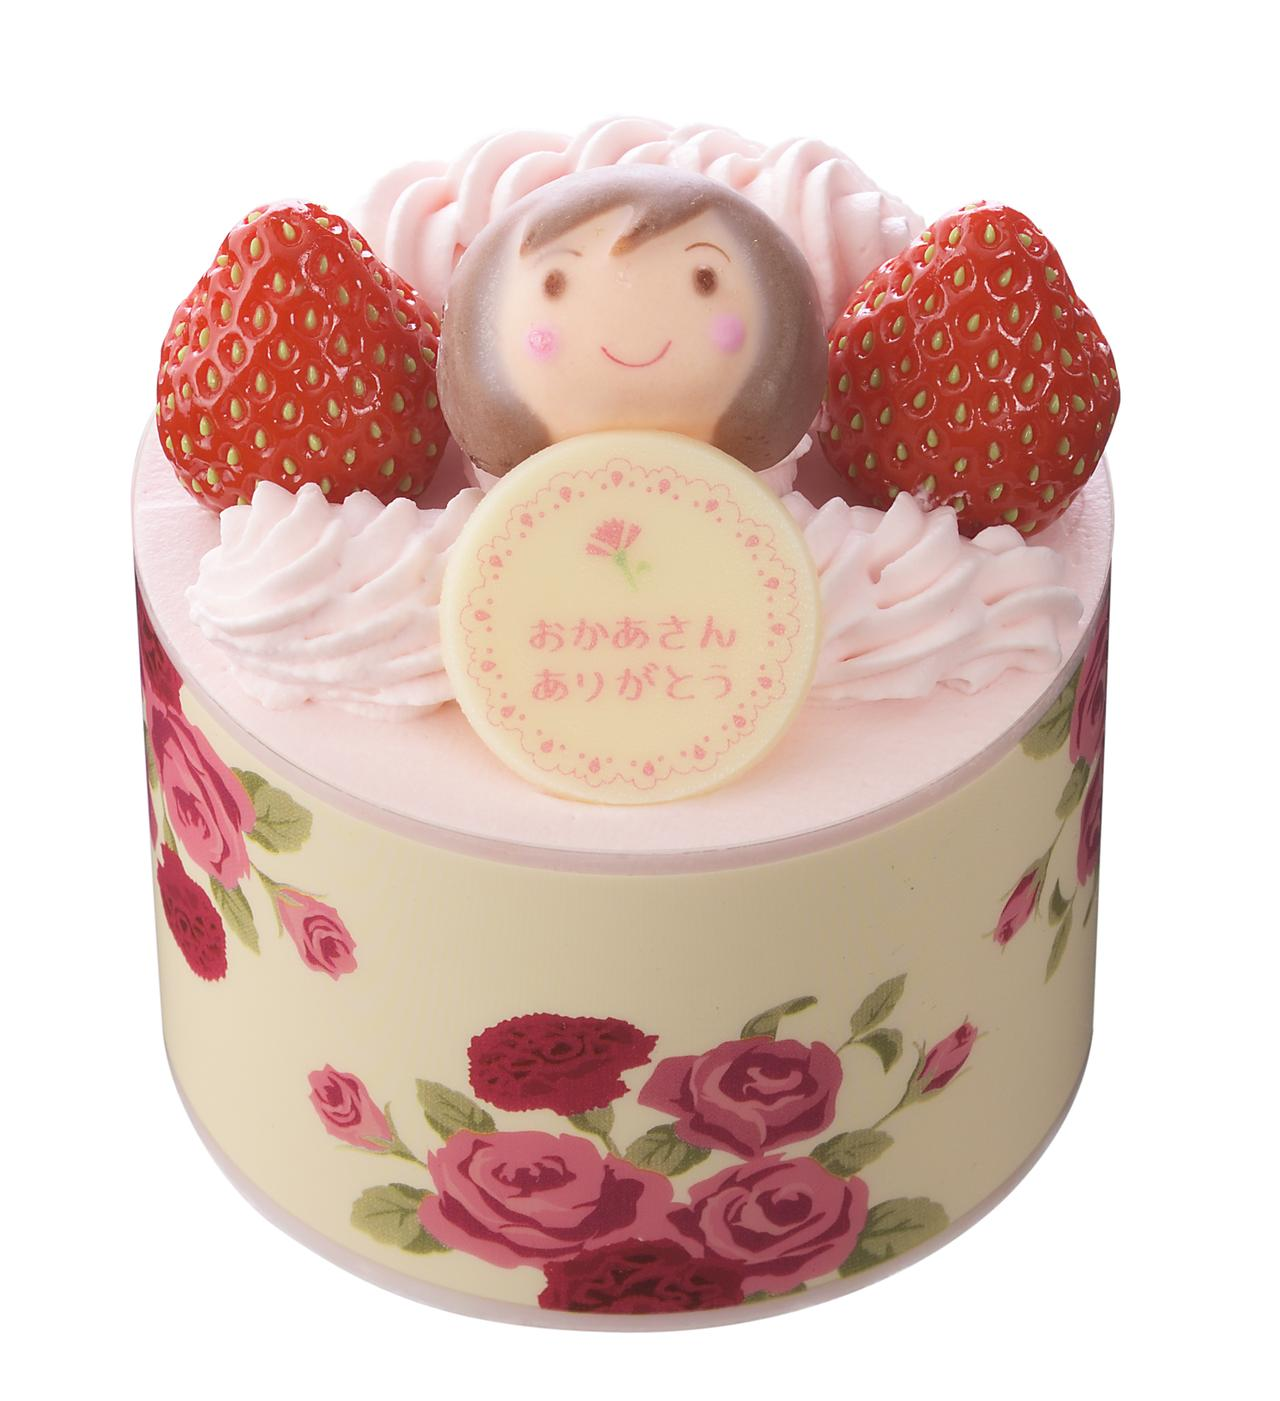 画像: 価 格: ¥580(税込¥626) 販売期間: 2017年5月12日(金)~14日(日) 特 長: 苺クリームをスポンジでサンド。苺と苺クリームで仕上げ、にっこりママの笑顔の砂糖菓子を飾りました。ほんのり甘酸っぱい、ひとりじめサイズのプチデコレーションケーキ。